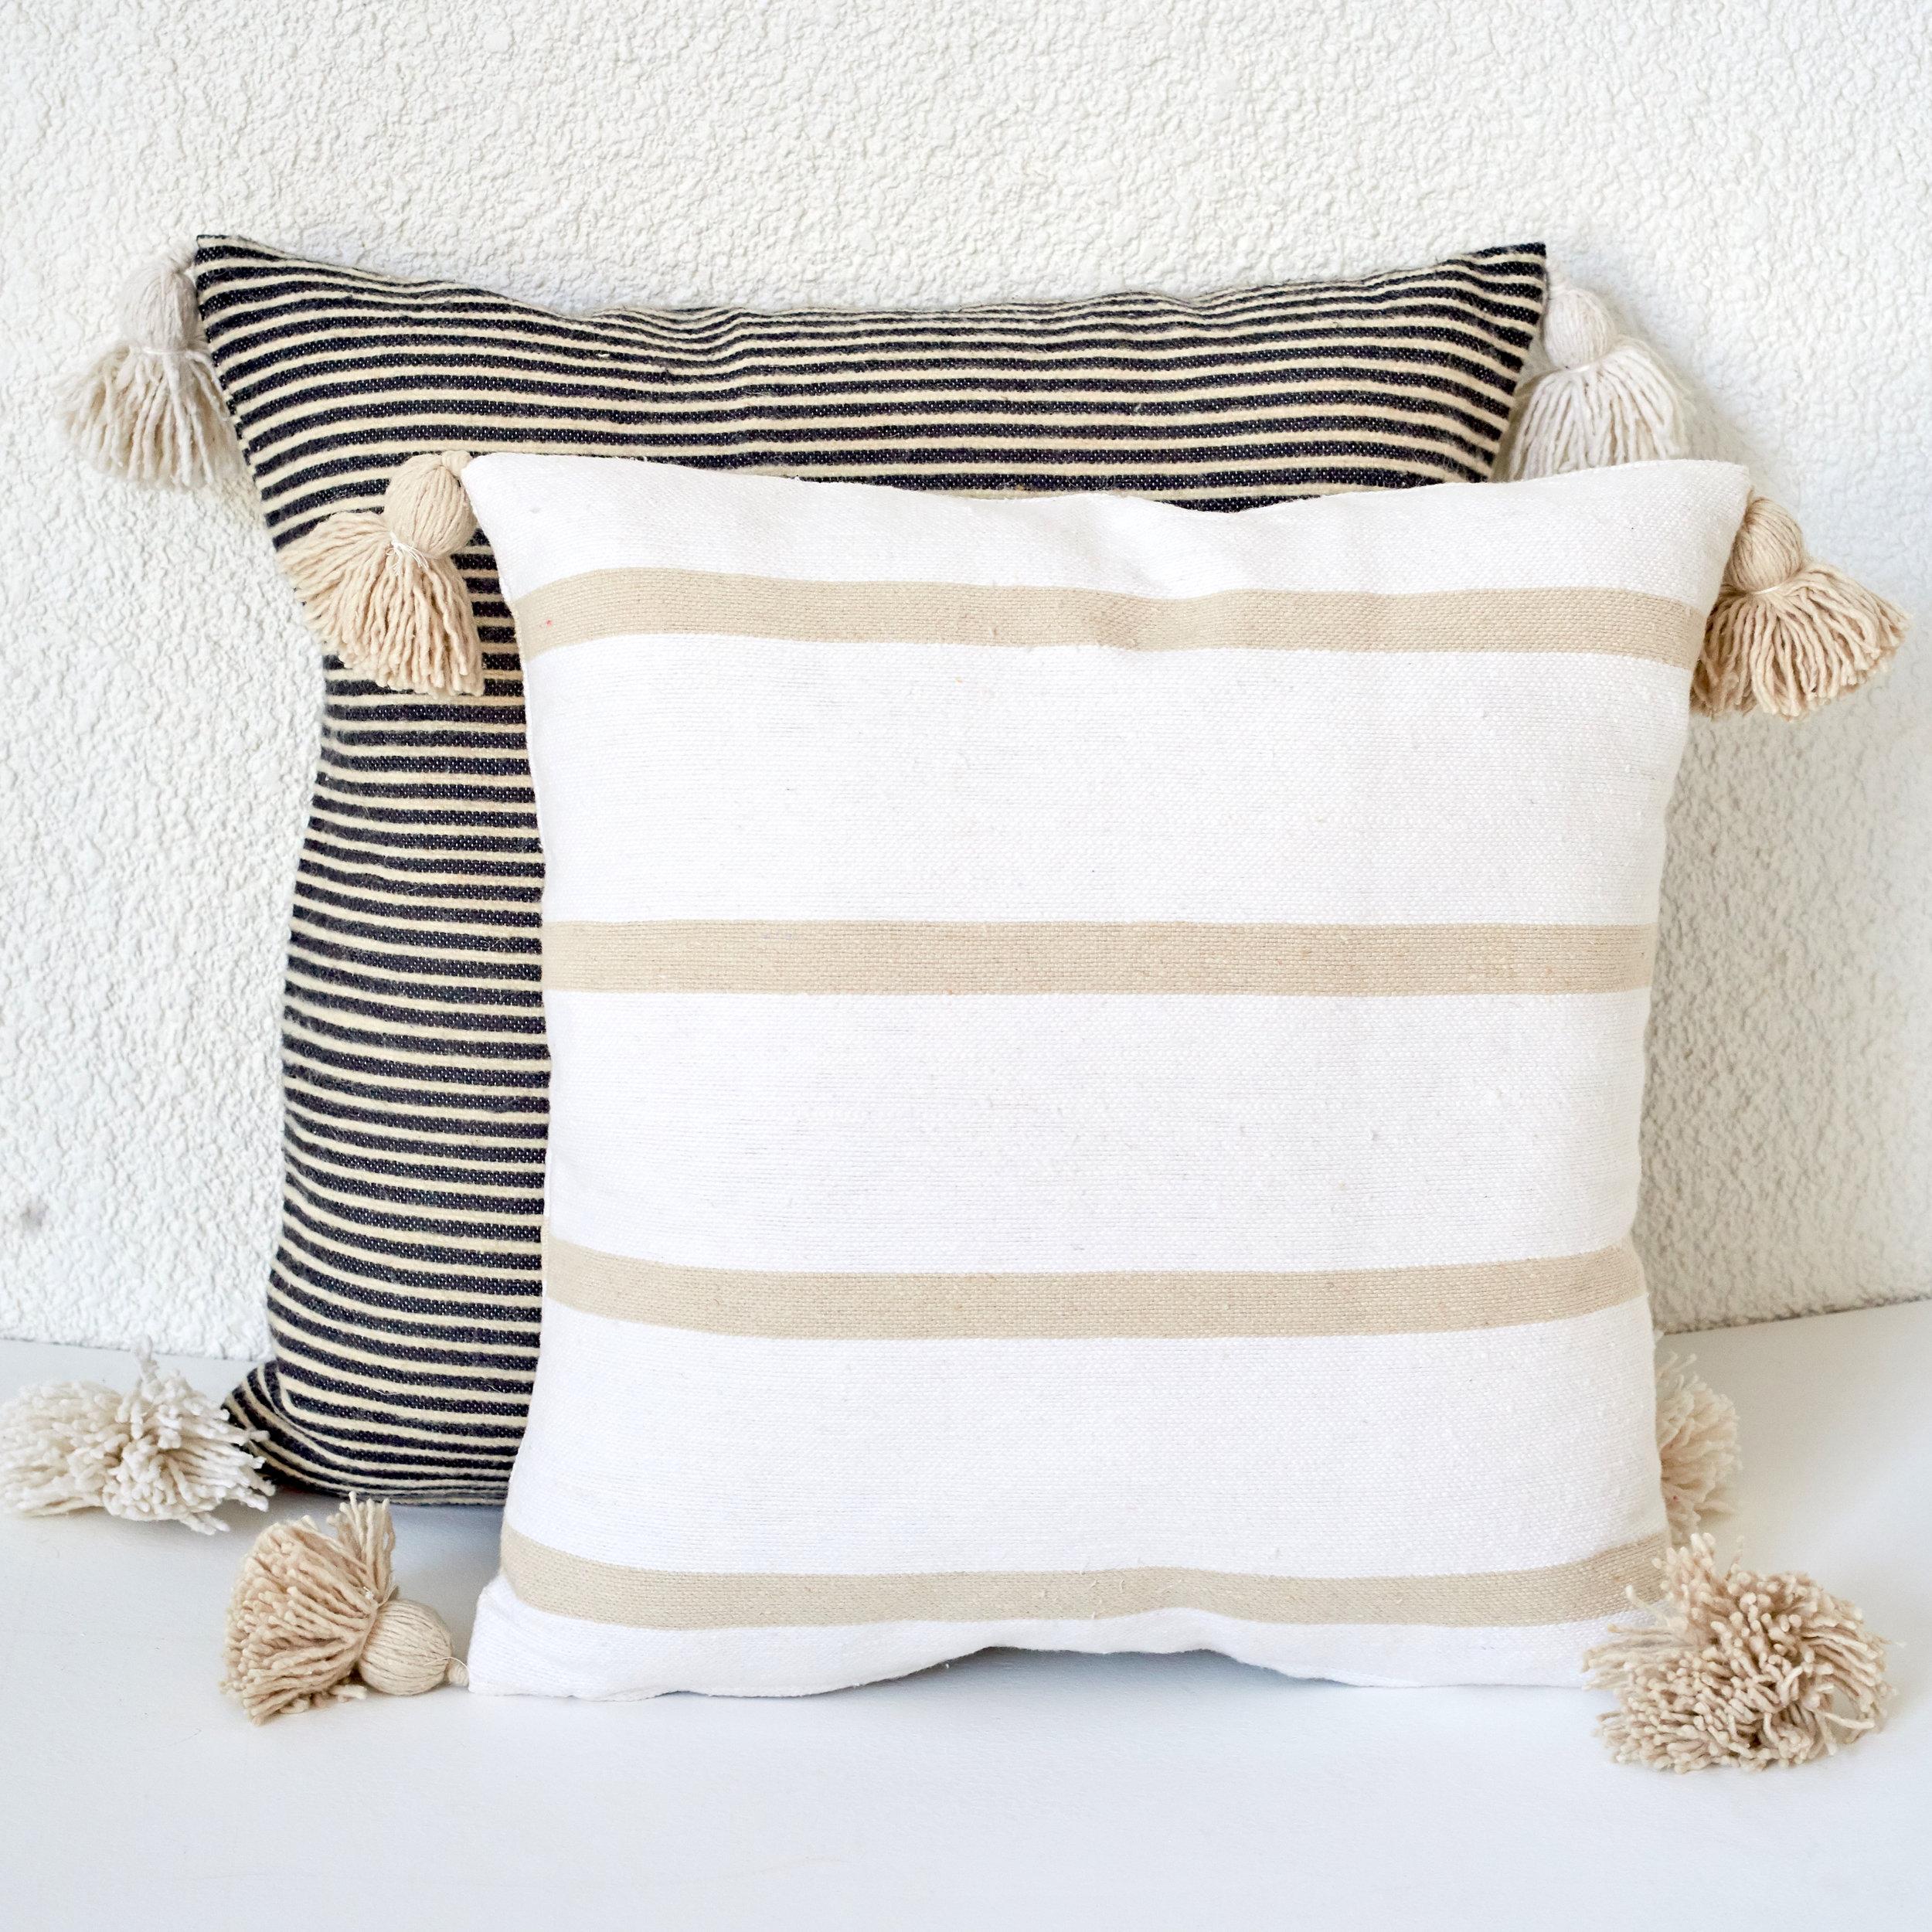 Stripe Natural Cushion With Pom Pom.jpg